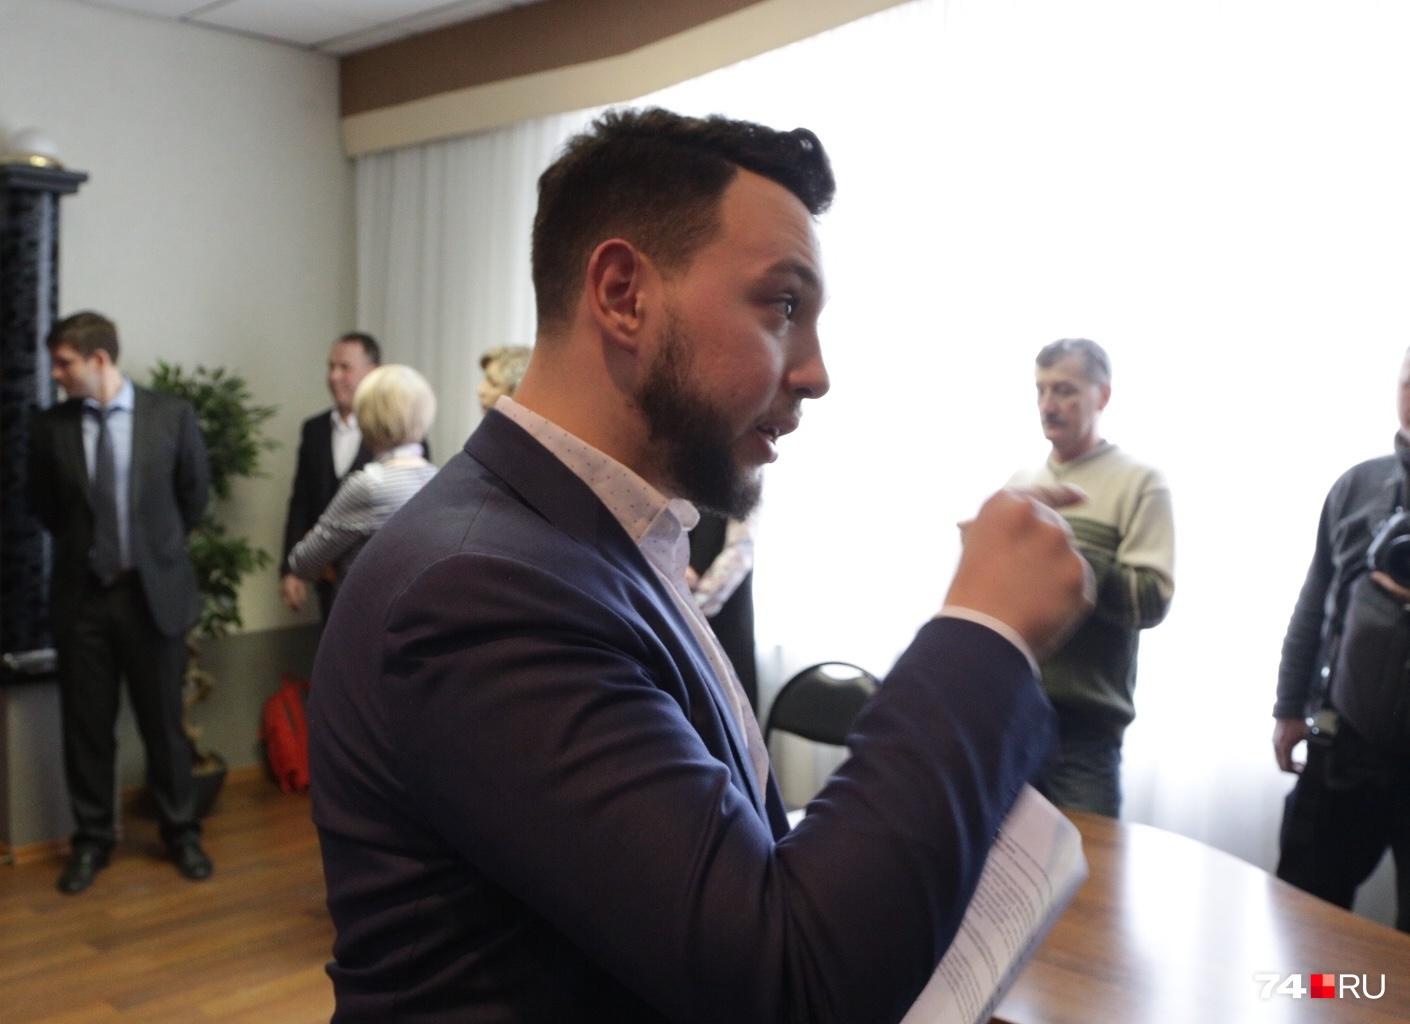 Члены комиссии поинтересовались у 21-летнего Бориса Золотаревского о воспитании